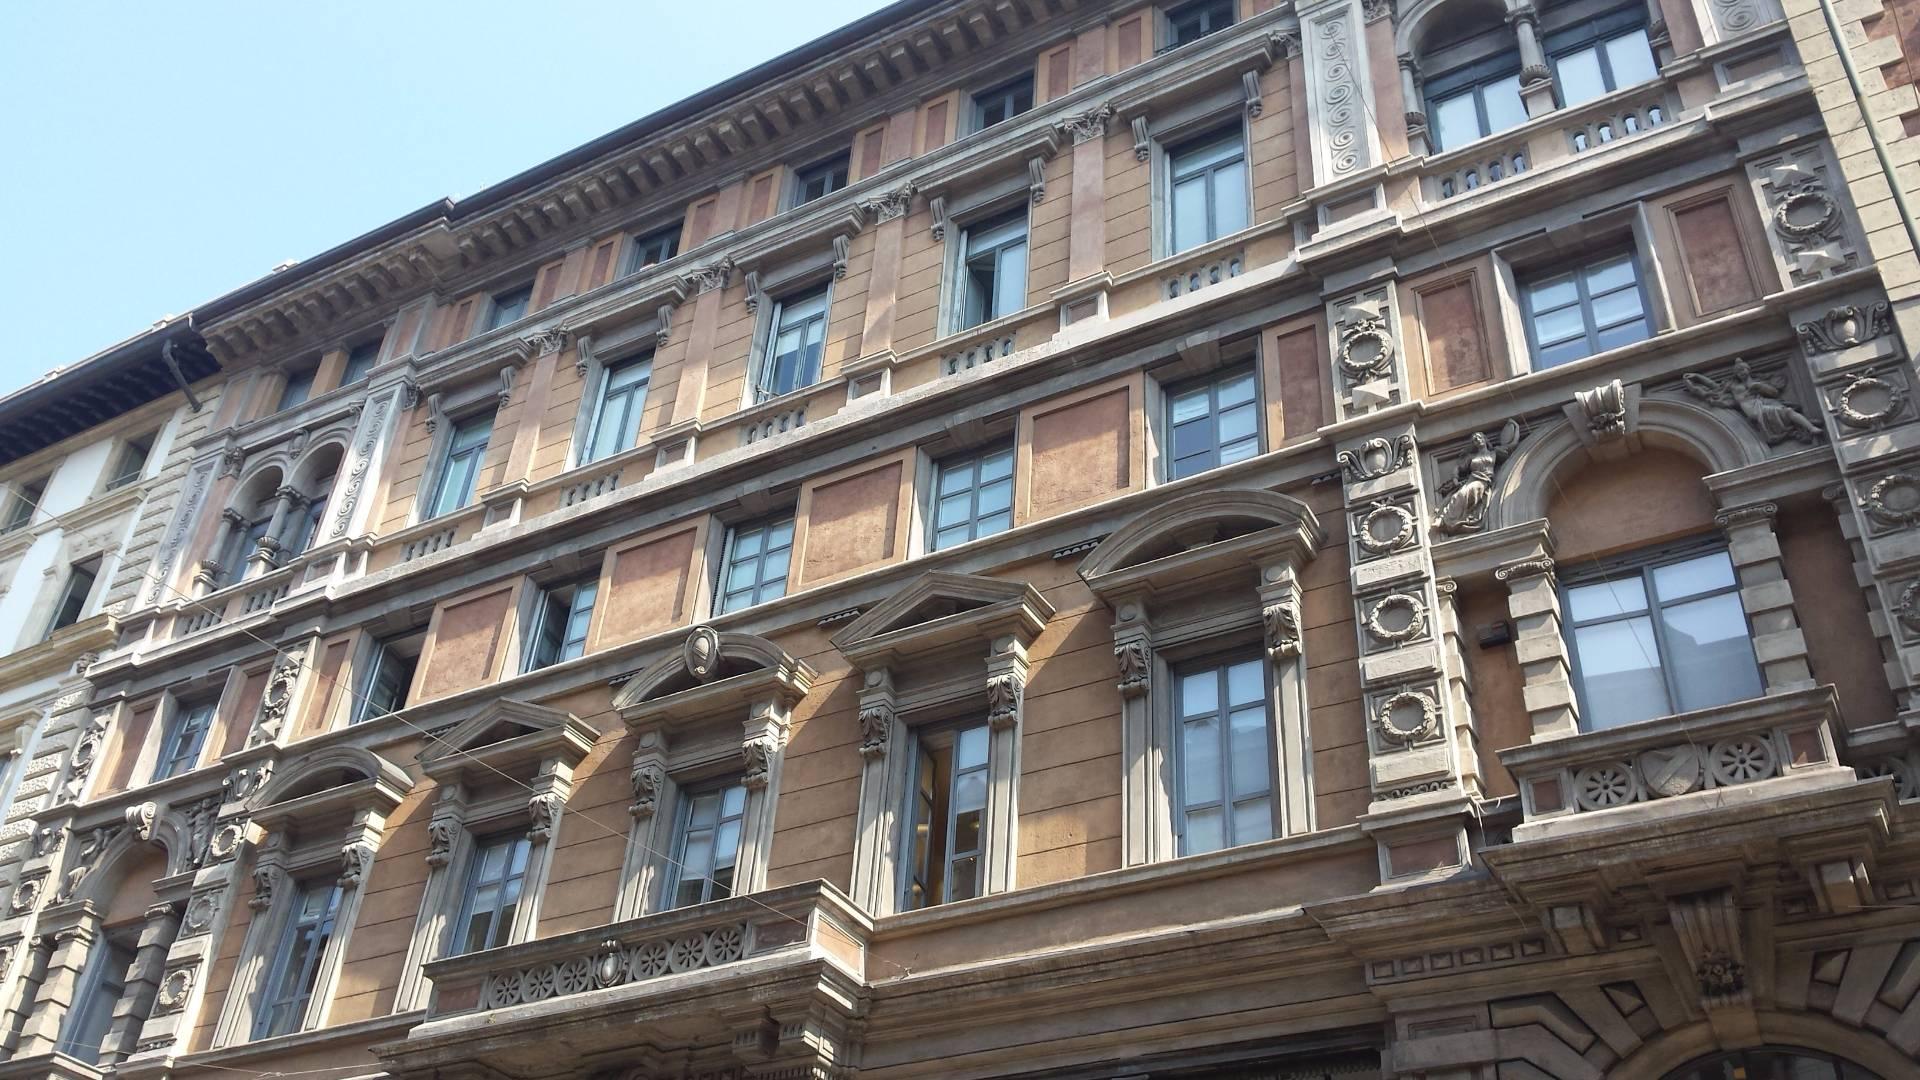 Ufficio in Affitto a Milano Cod. Via Dante 14, p3°